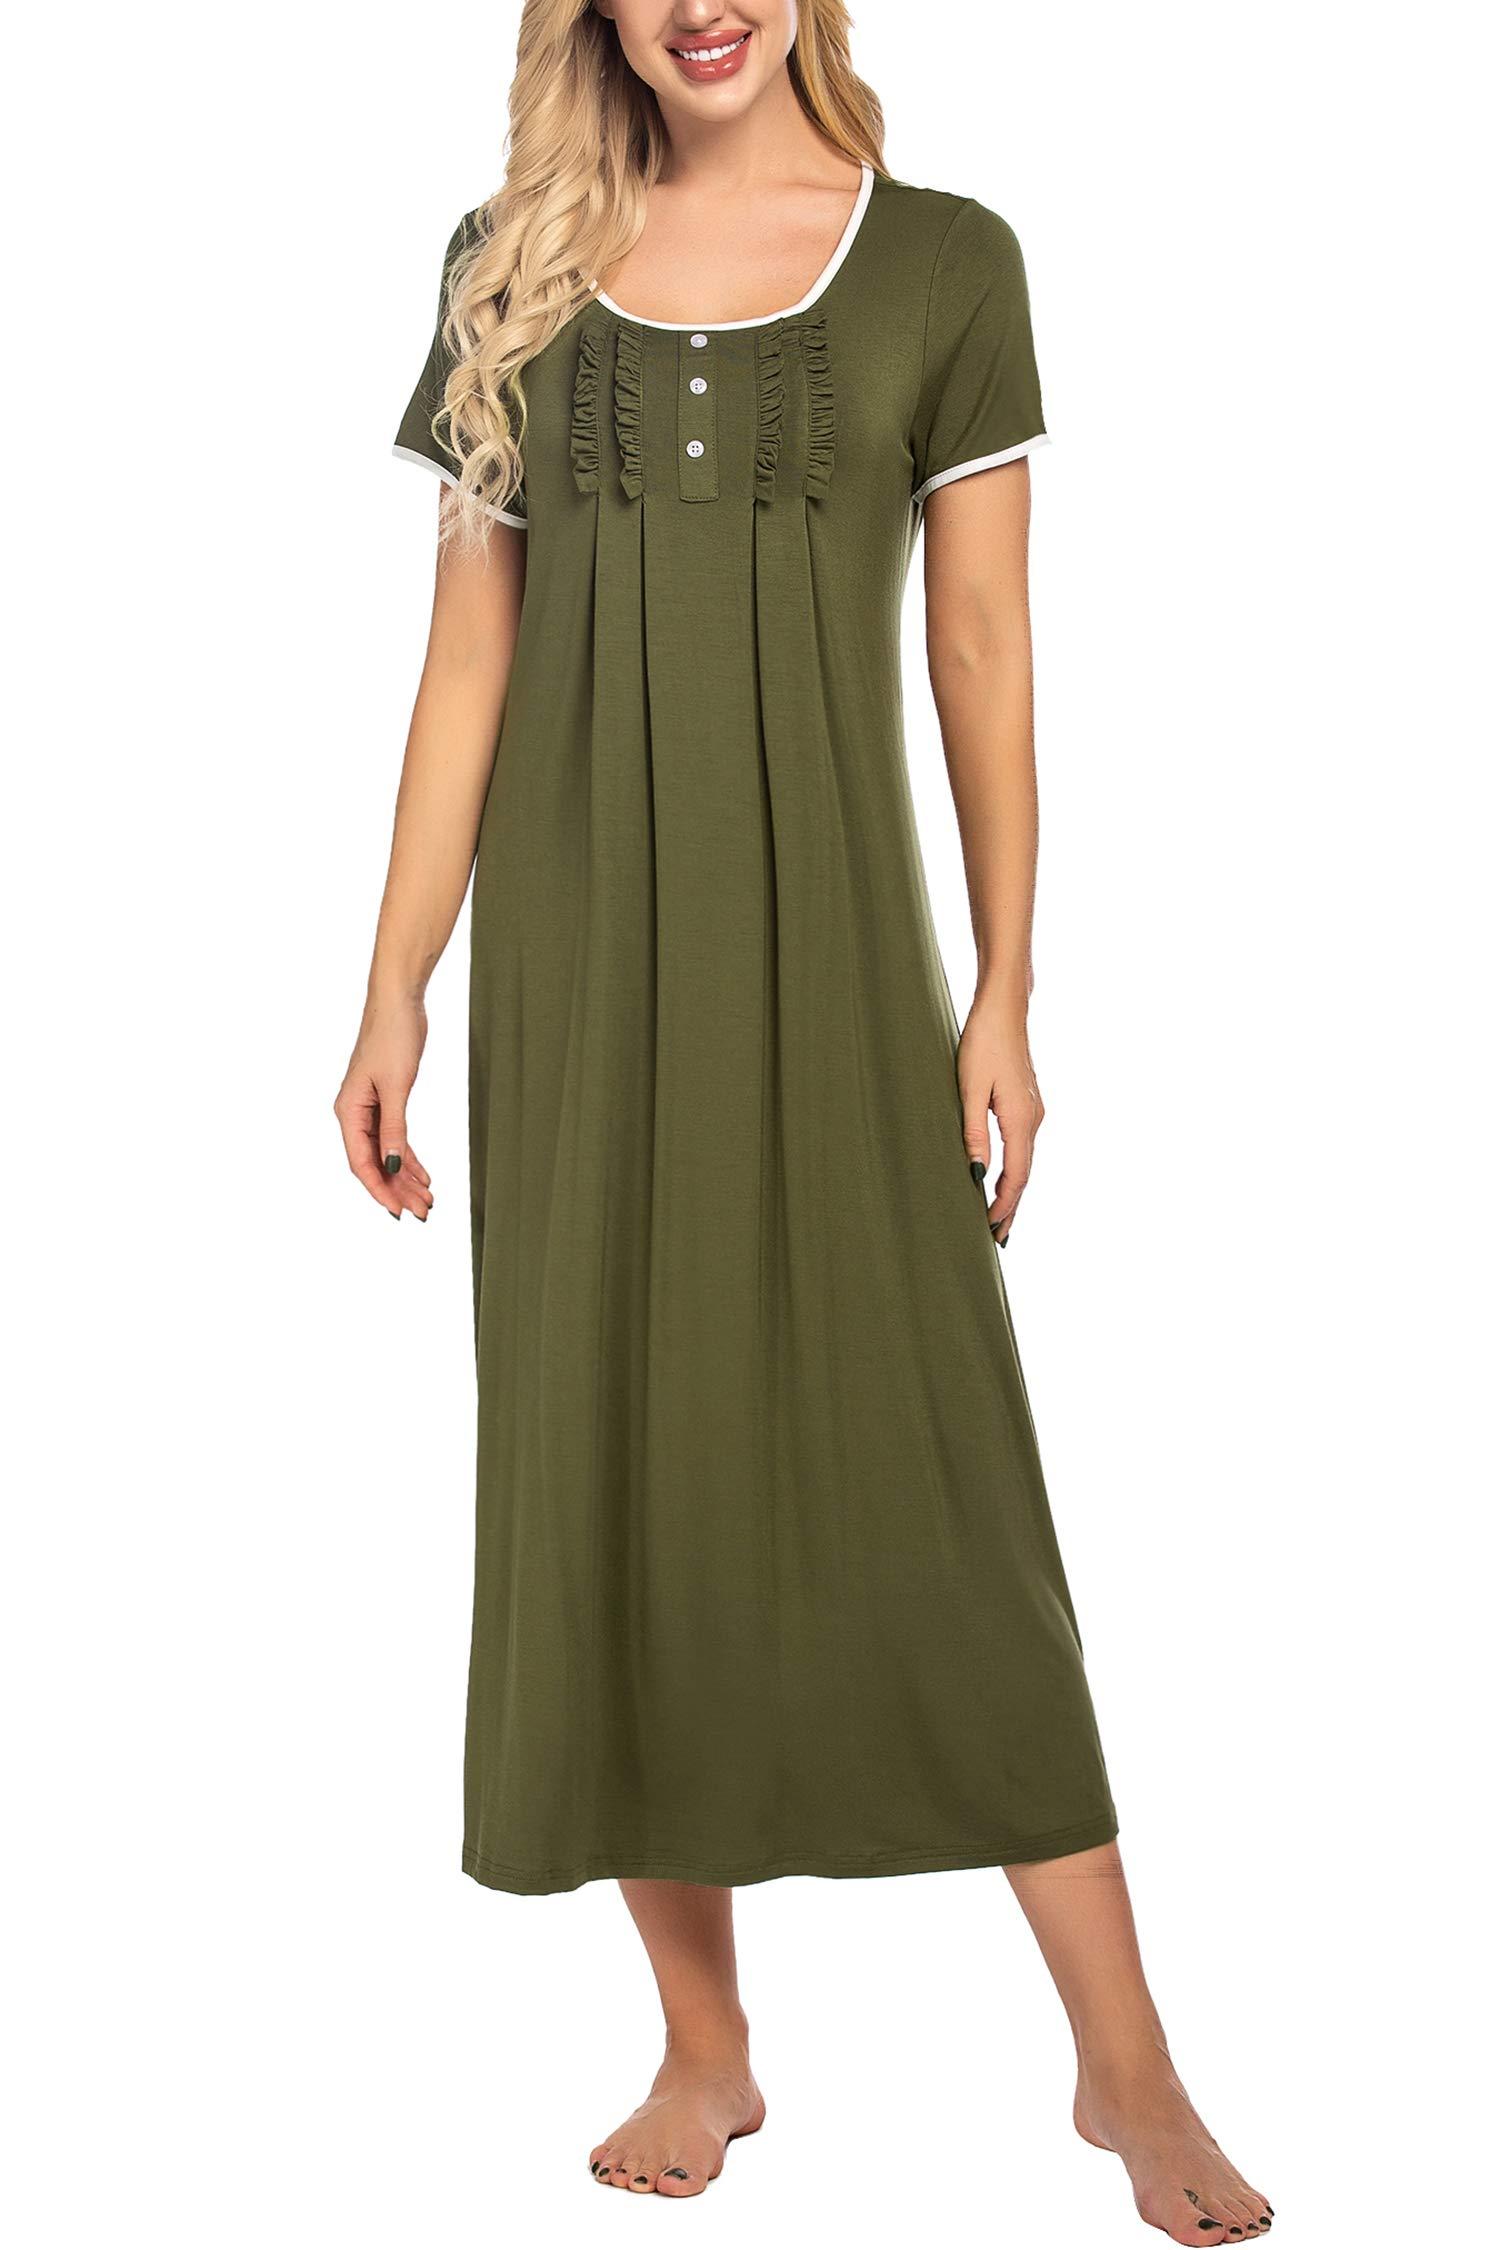 Hotouch Women's Nightgowns, Ultra Soft Summer Short Sleeve Dress Loungewear for Home Outdoor